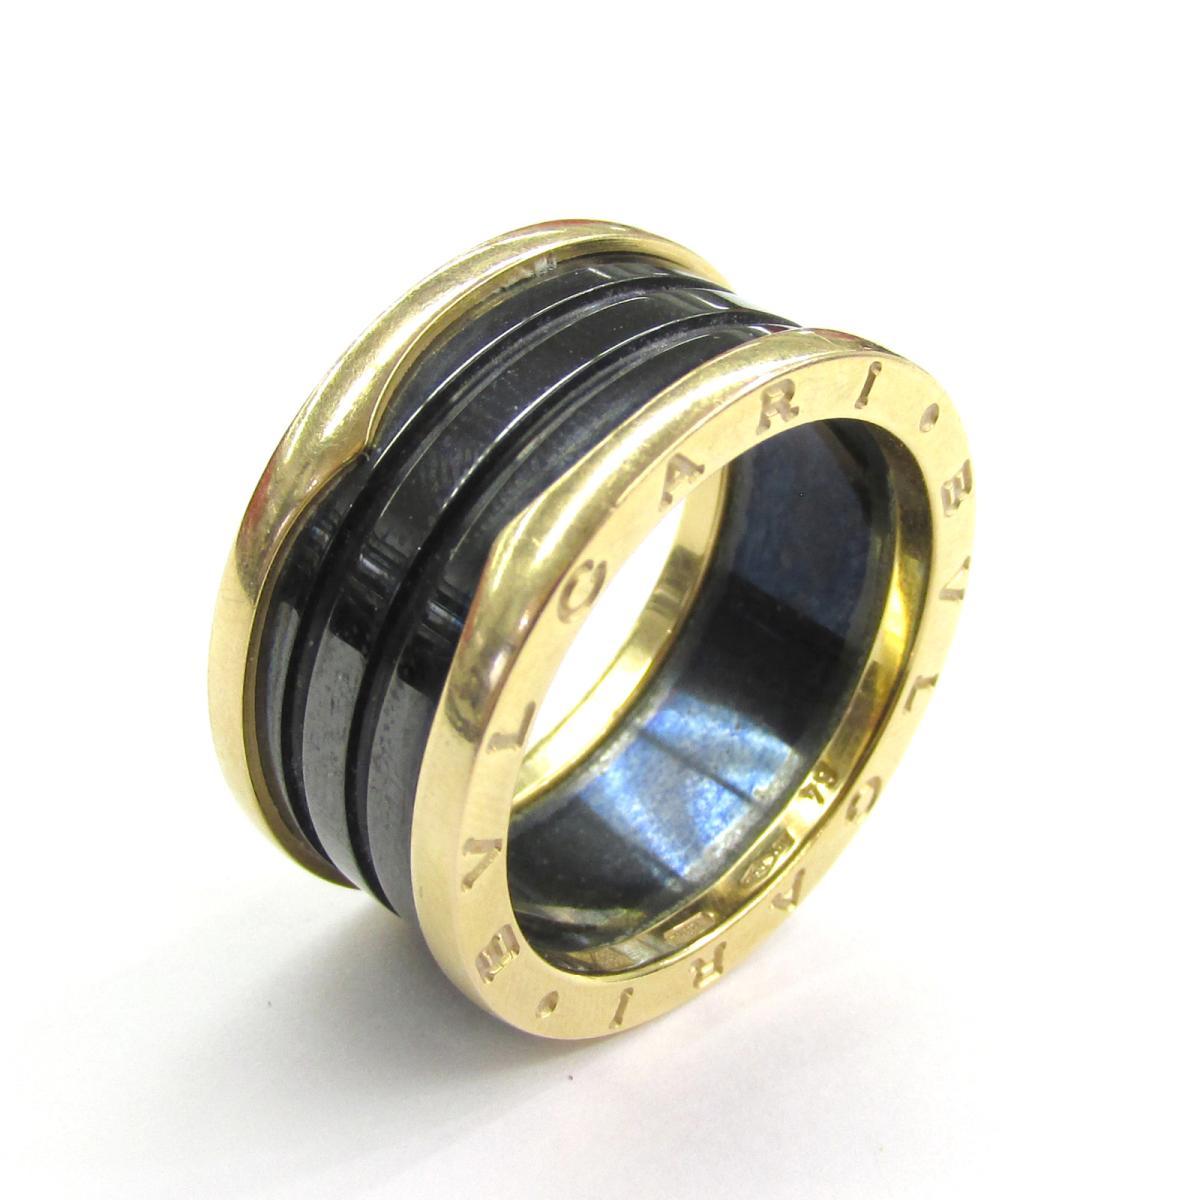 ブルガリ B-zero1 リング ブランドジュエリー メンズ レディース K18PG (750) ピンクゴールド x セラミック 【中古】 | BVLGARI BRANDOFF ブランドオフ ブランド ジュエリー アクセサリー 指輪